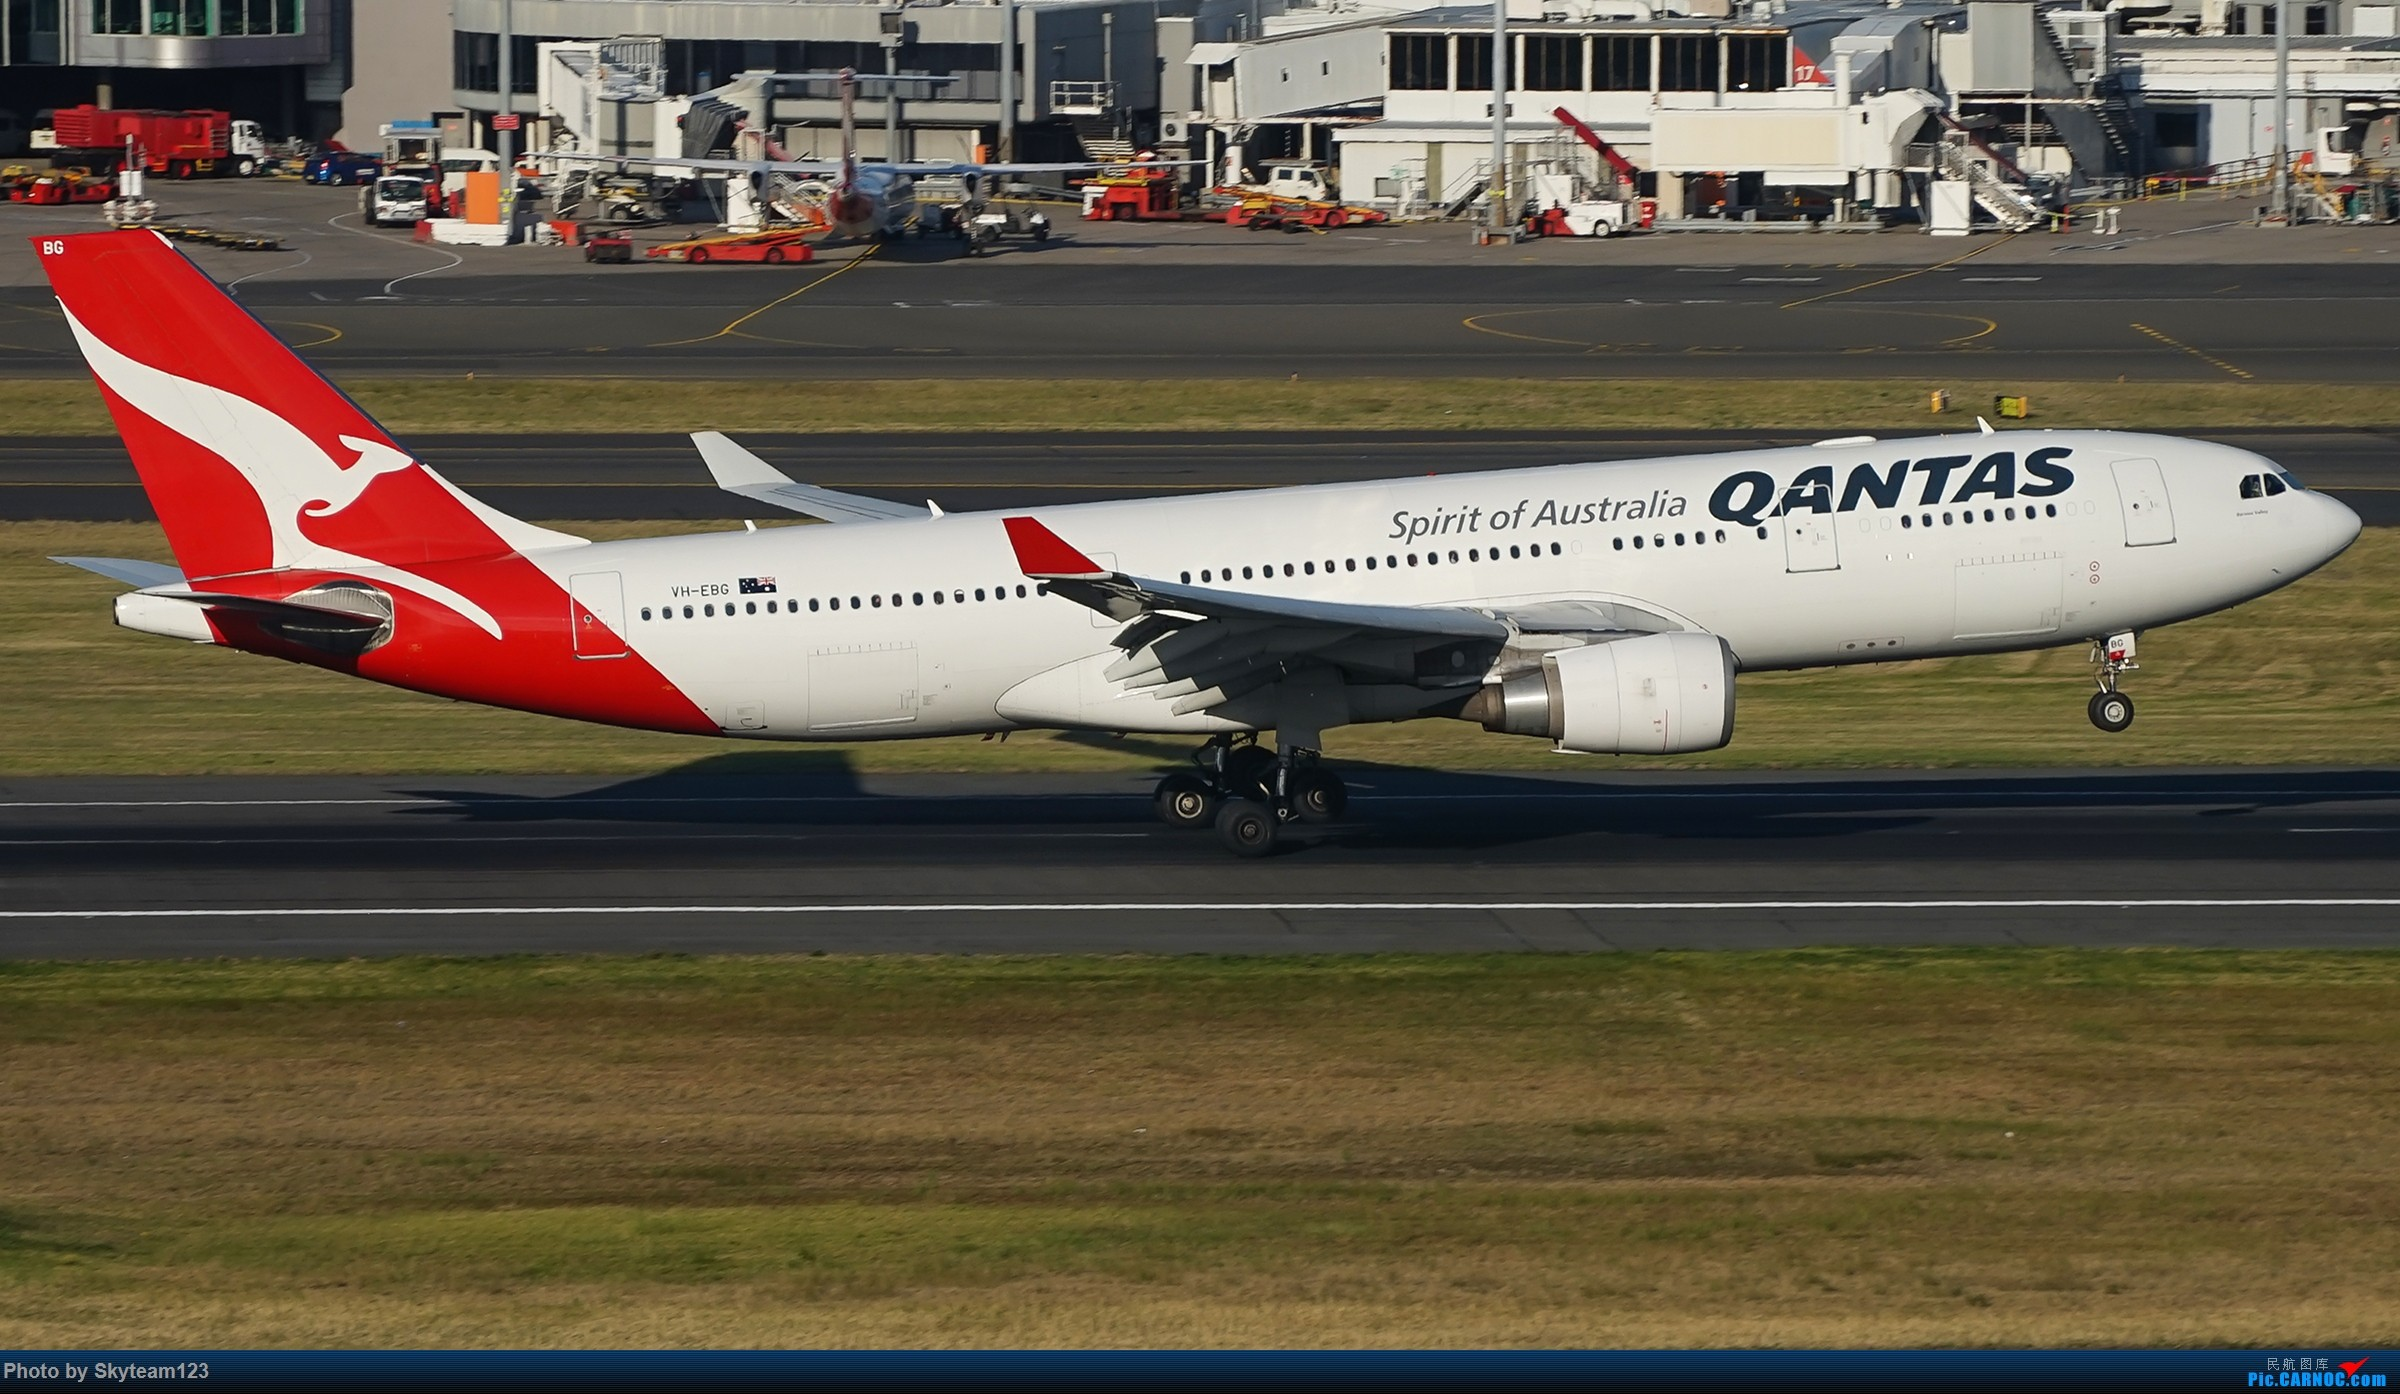 Re:[原创][SYD] 假期拍机小结 解锁16R跑道头拍机位 & 停车楼拍机作业 【全宽体】 AIRBUS A330-200 VH-EBG 澳大利亚悉尼金斯福德·史密斯机场